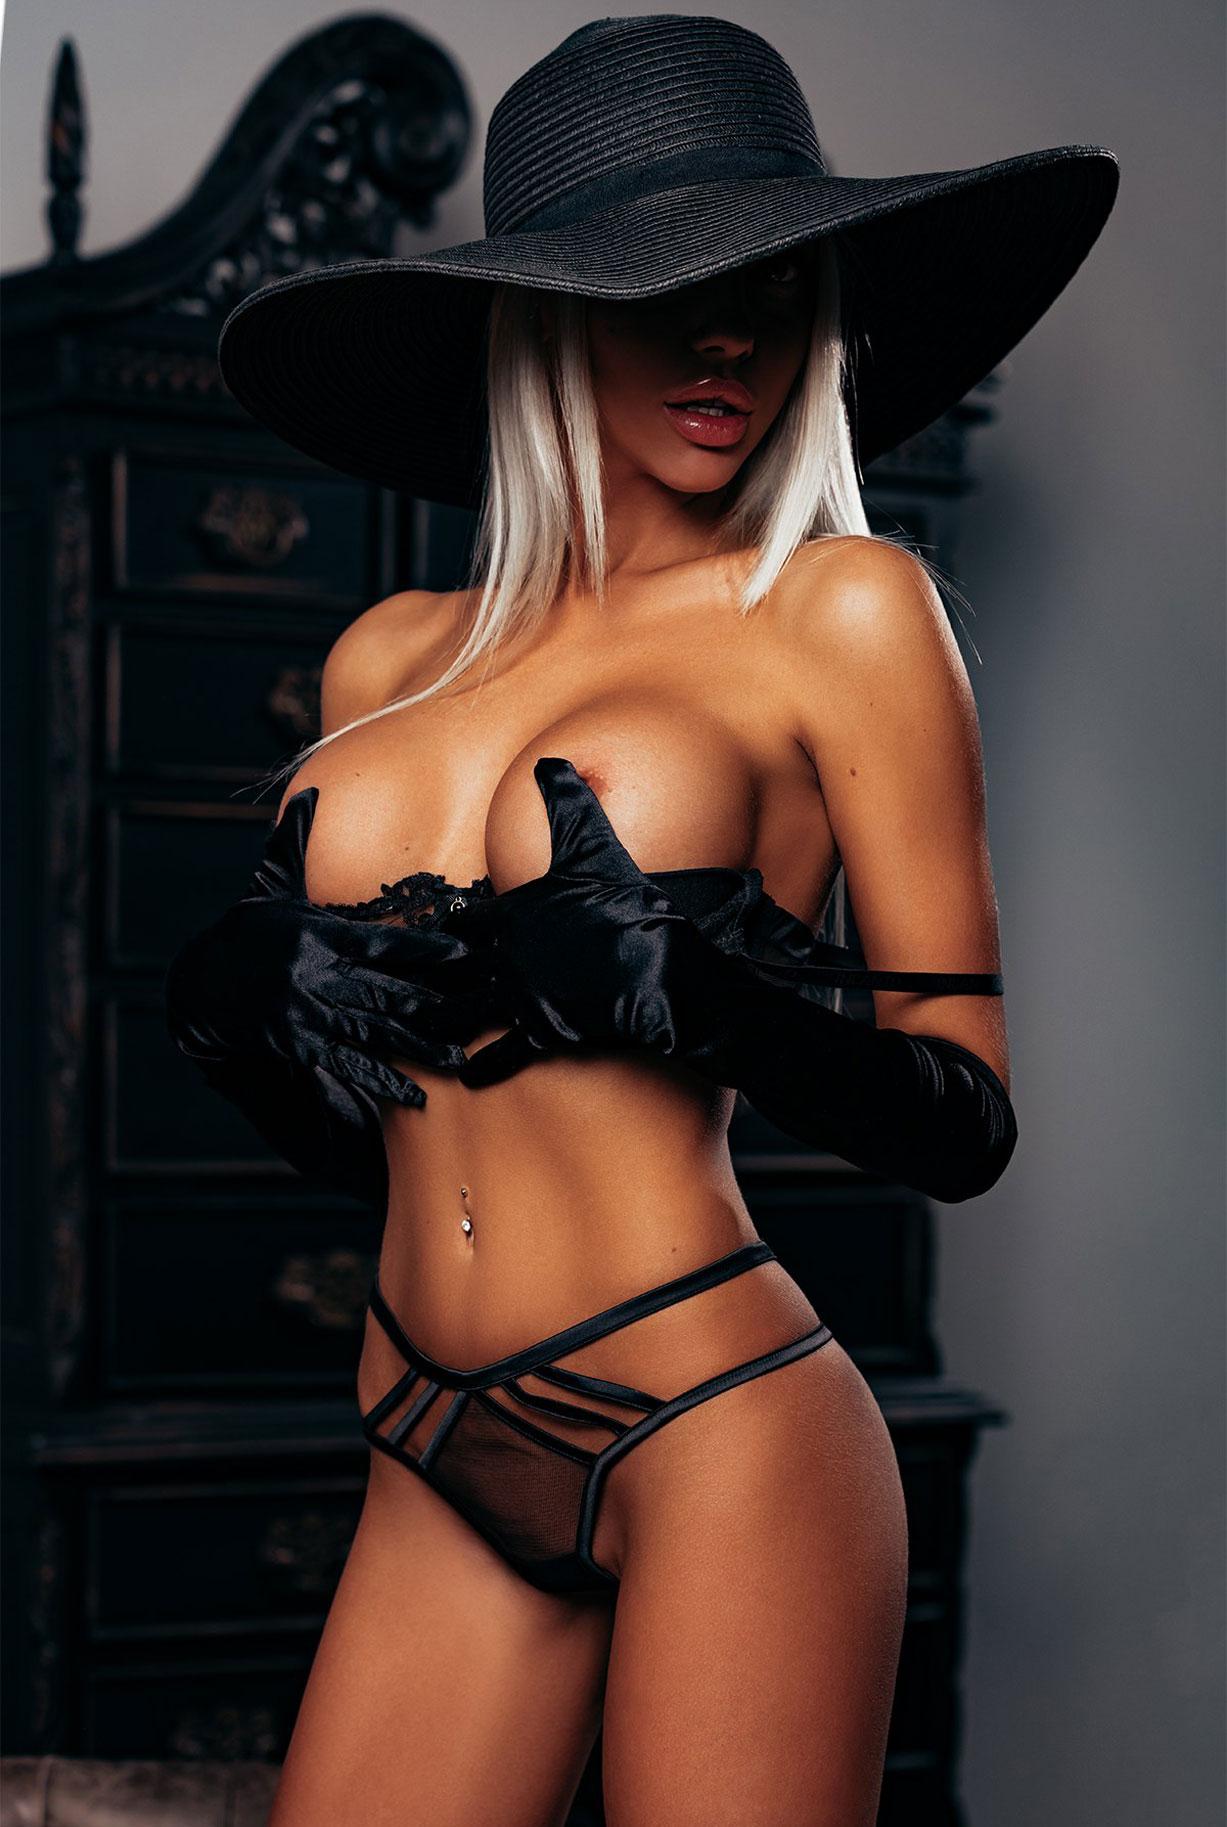 Анастасия Щеголева - модель с большой грудью / фото 06